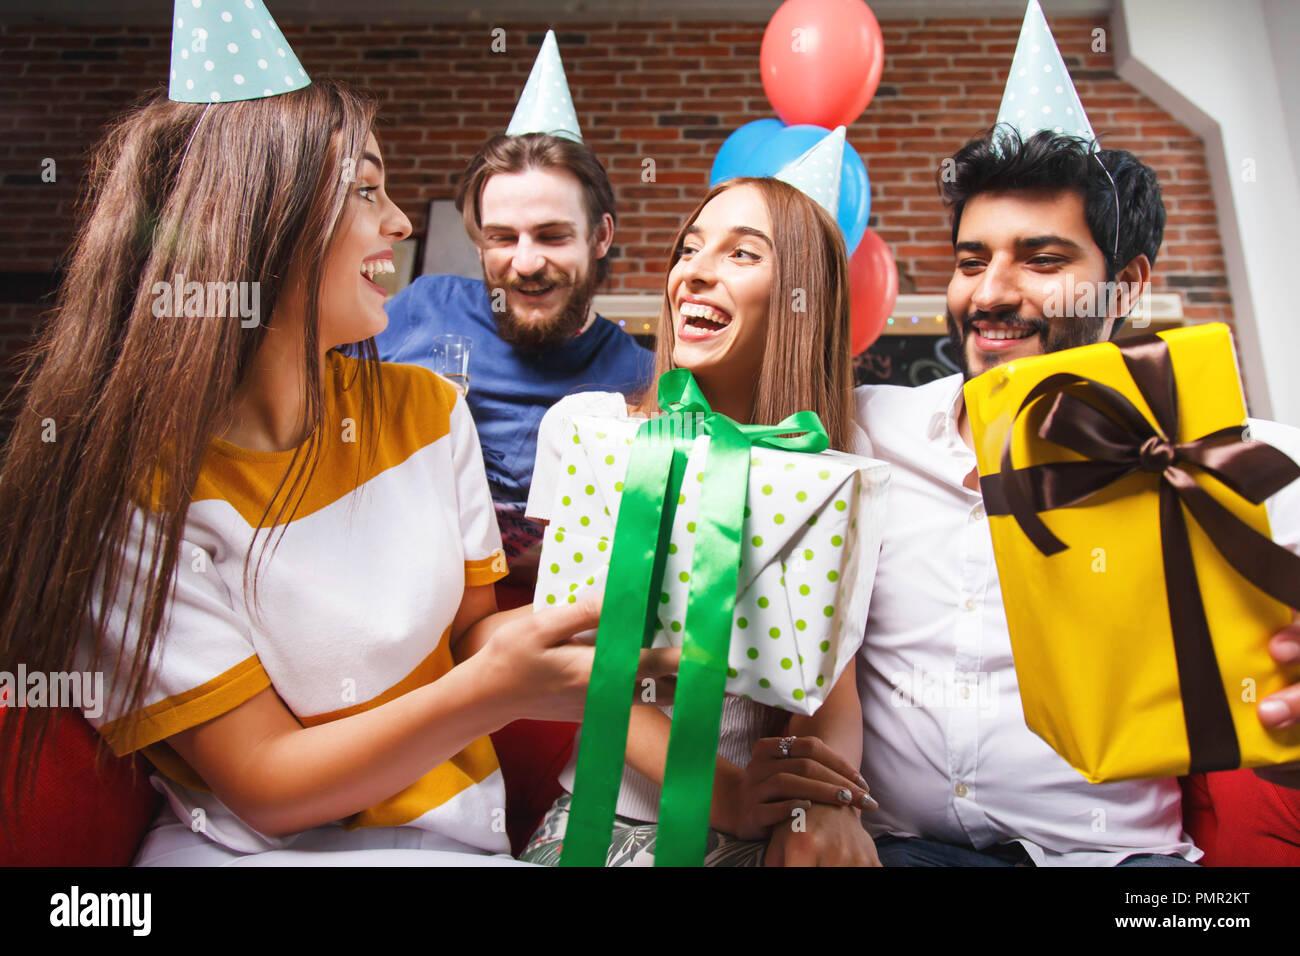 Offrir un cadeau à vos amis femme exceptionnelle dans un party hat, ils sont sourire et rire beaucoup Photo Stock